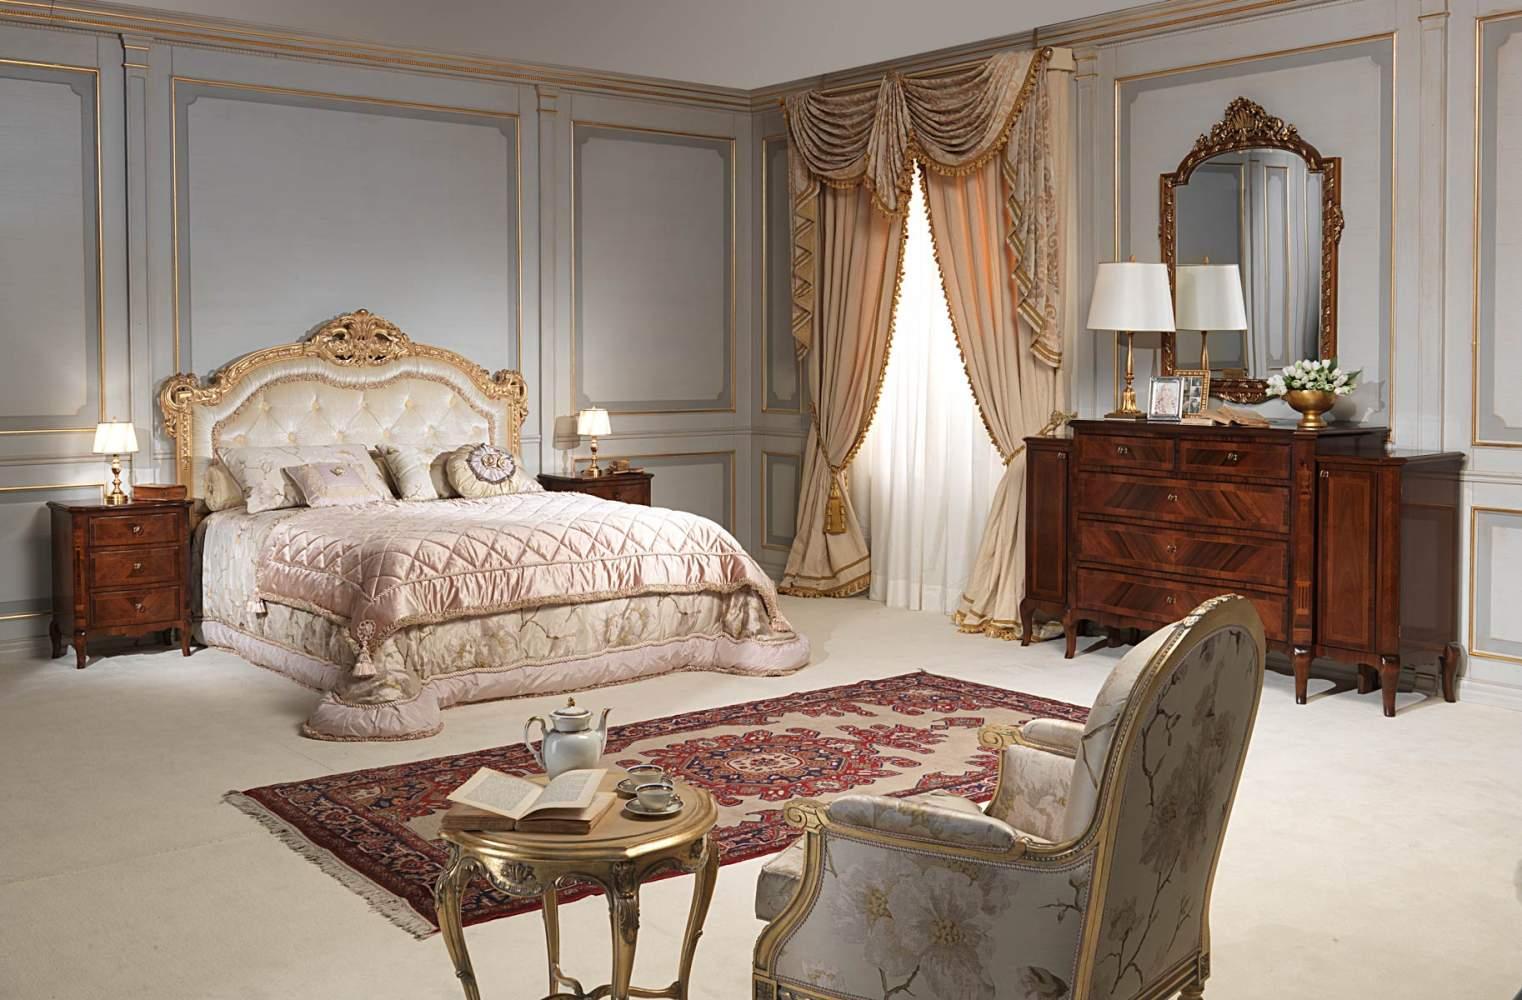 Camera da letto 800 francese, letto capitonné, comò con specchiera, comodini in noce